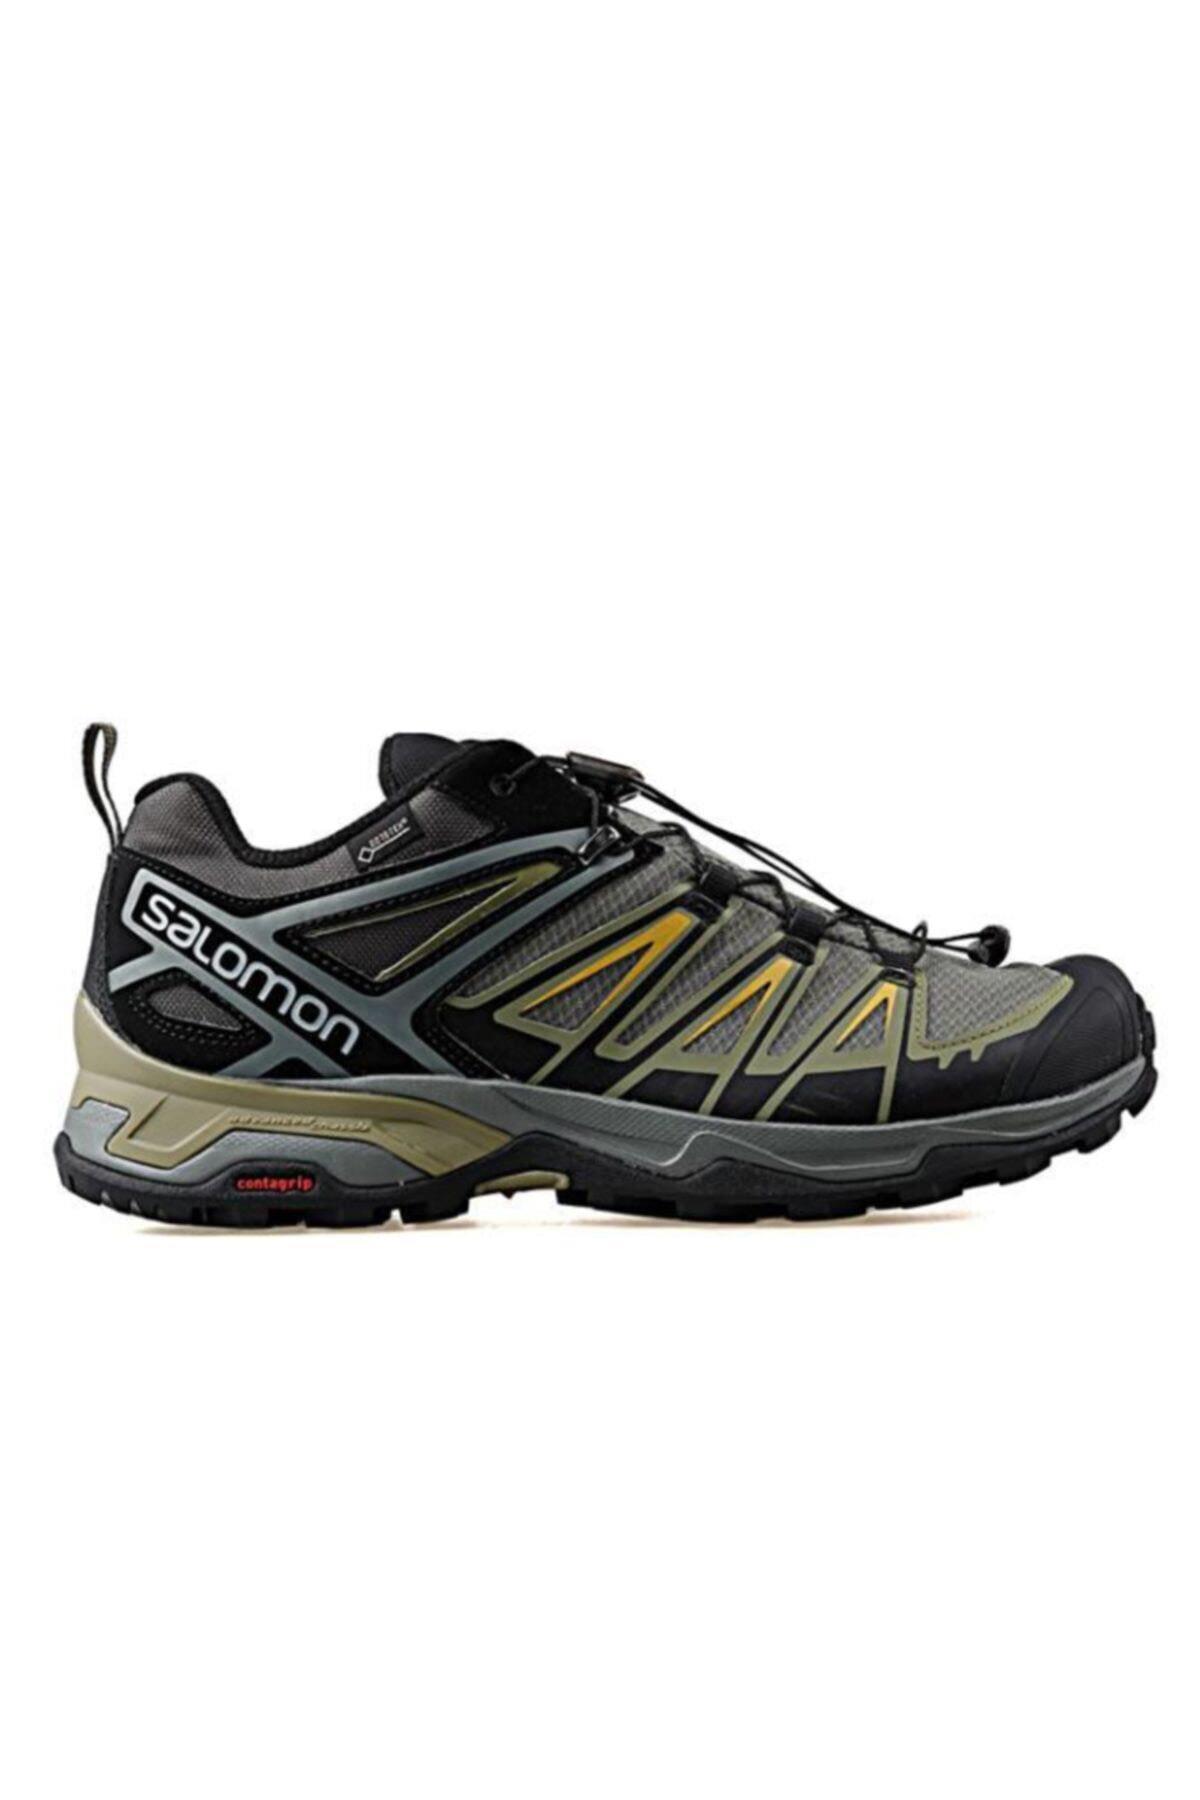 Salomon X ULTRA 3 Goretex  Ayakkabı L40242200